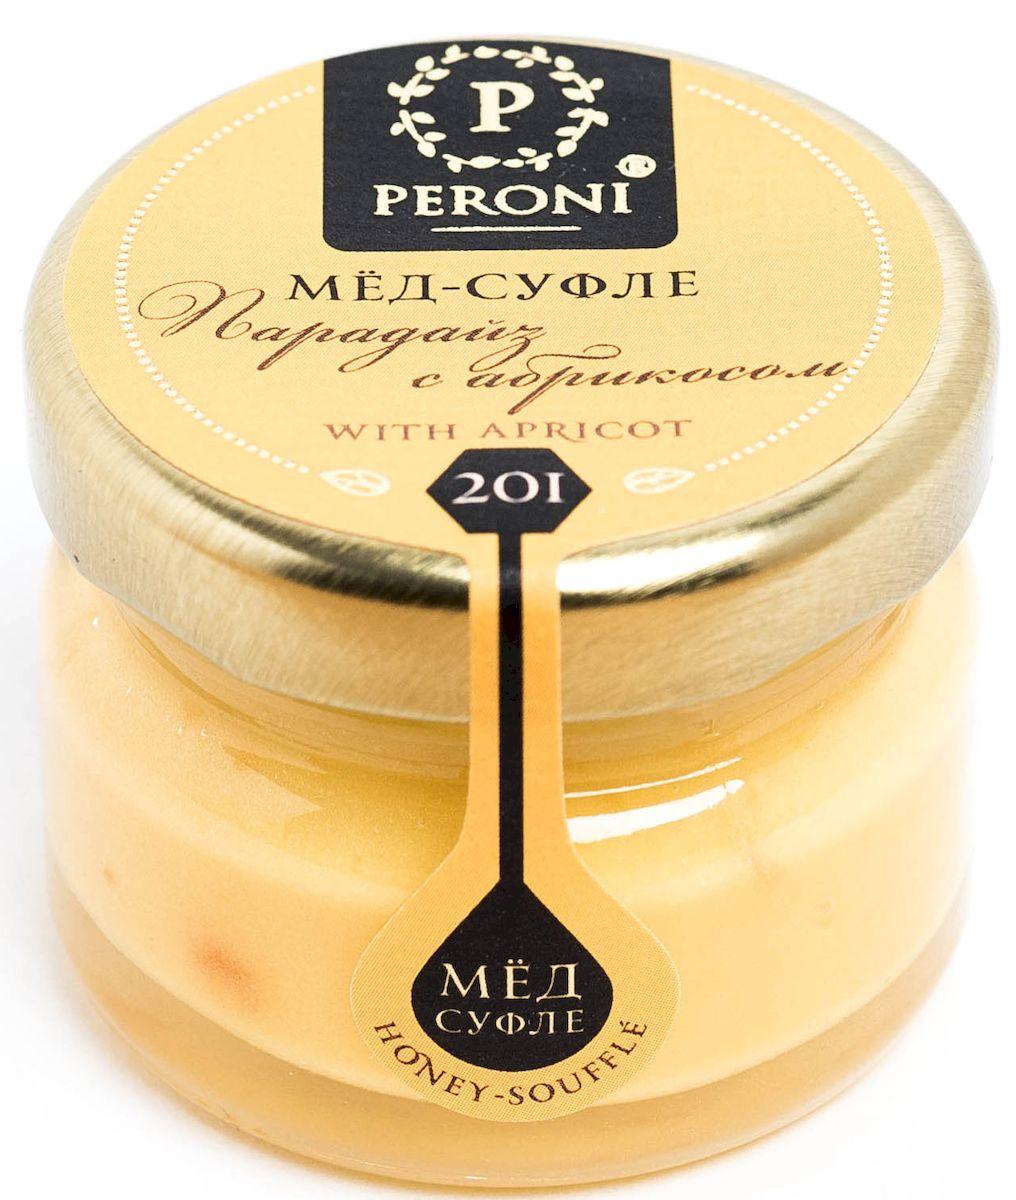 Peroni Парадайз с абрикосом мёд-суфле, 30 г0120710Мёд-суфле с сушеным абрикосом — не только вкуснейшая новинка в медовом мире, но и настоящий помощник здоровью и красоте.Мед солнечного, молочно-абрикосового цвета. Аромат тонкий и выразительный, по характеру цветочно-сливочно-фруктовый. Основная нота принадлежит свежему абрикосу, фруктовому йогурту. В нежном медовом суфле встречаются маленькие кусочки кураги, которые создают абрикосовые акценты.Вкусовые характеристики меда и абрикоса проявляются комплексно, они близки и идеально дополняют друг друга, создавая гармонию. Вкус меда чрезвычайно динамичен: сливочная атака сменяется интенсивной цветочно-фруктовой волной, оставляя в завершение пряно-абрикосовый акцент. В целом вкус мёда-суфле освежающий и бодрящий. Обволакивающая сладость меда уравновешивается бодрящей фруктовой свежестью. Создается ощущение легкости и прохлады.Для получения меда-суфле используются специальные технологии. Мёд долго вымешивается при определенной скорости, после чего его выдерживают при температуре 12-14 градусов по Цельсию, тем самым закрепляя его нужную консистенцию. Все полезные свойства меда при этом сохраняются.